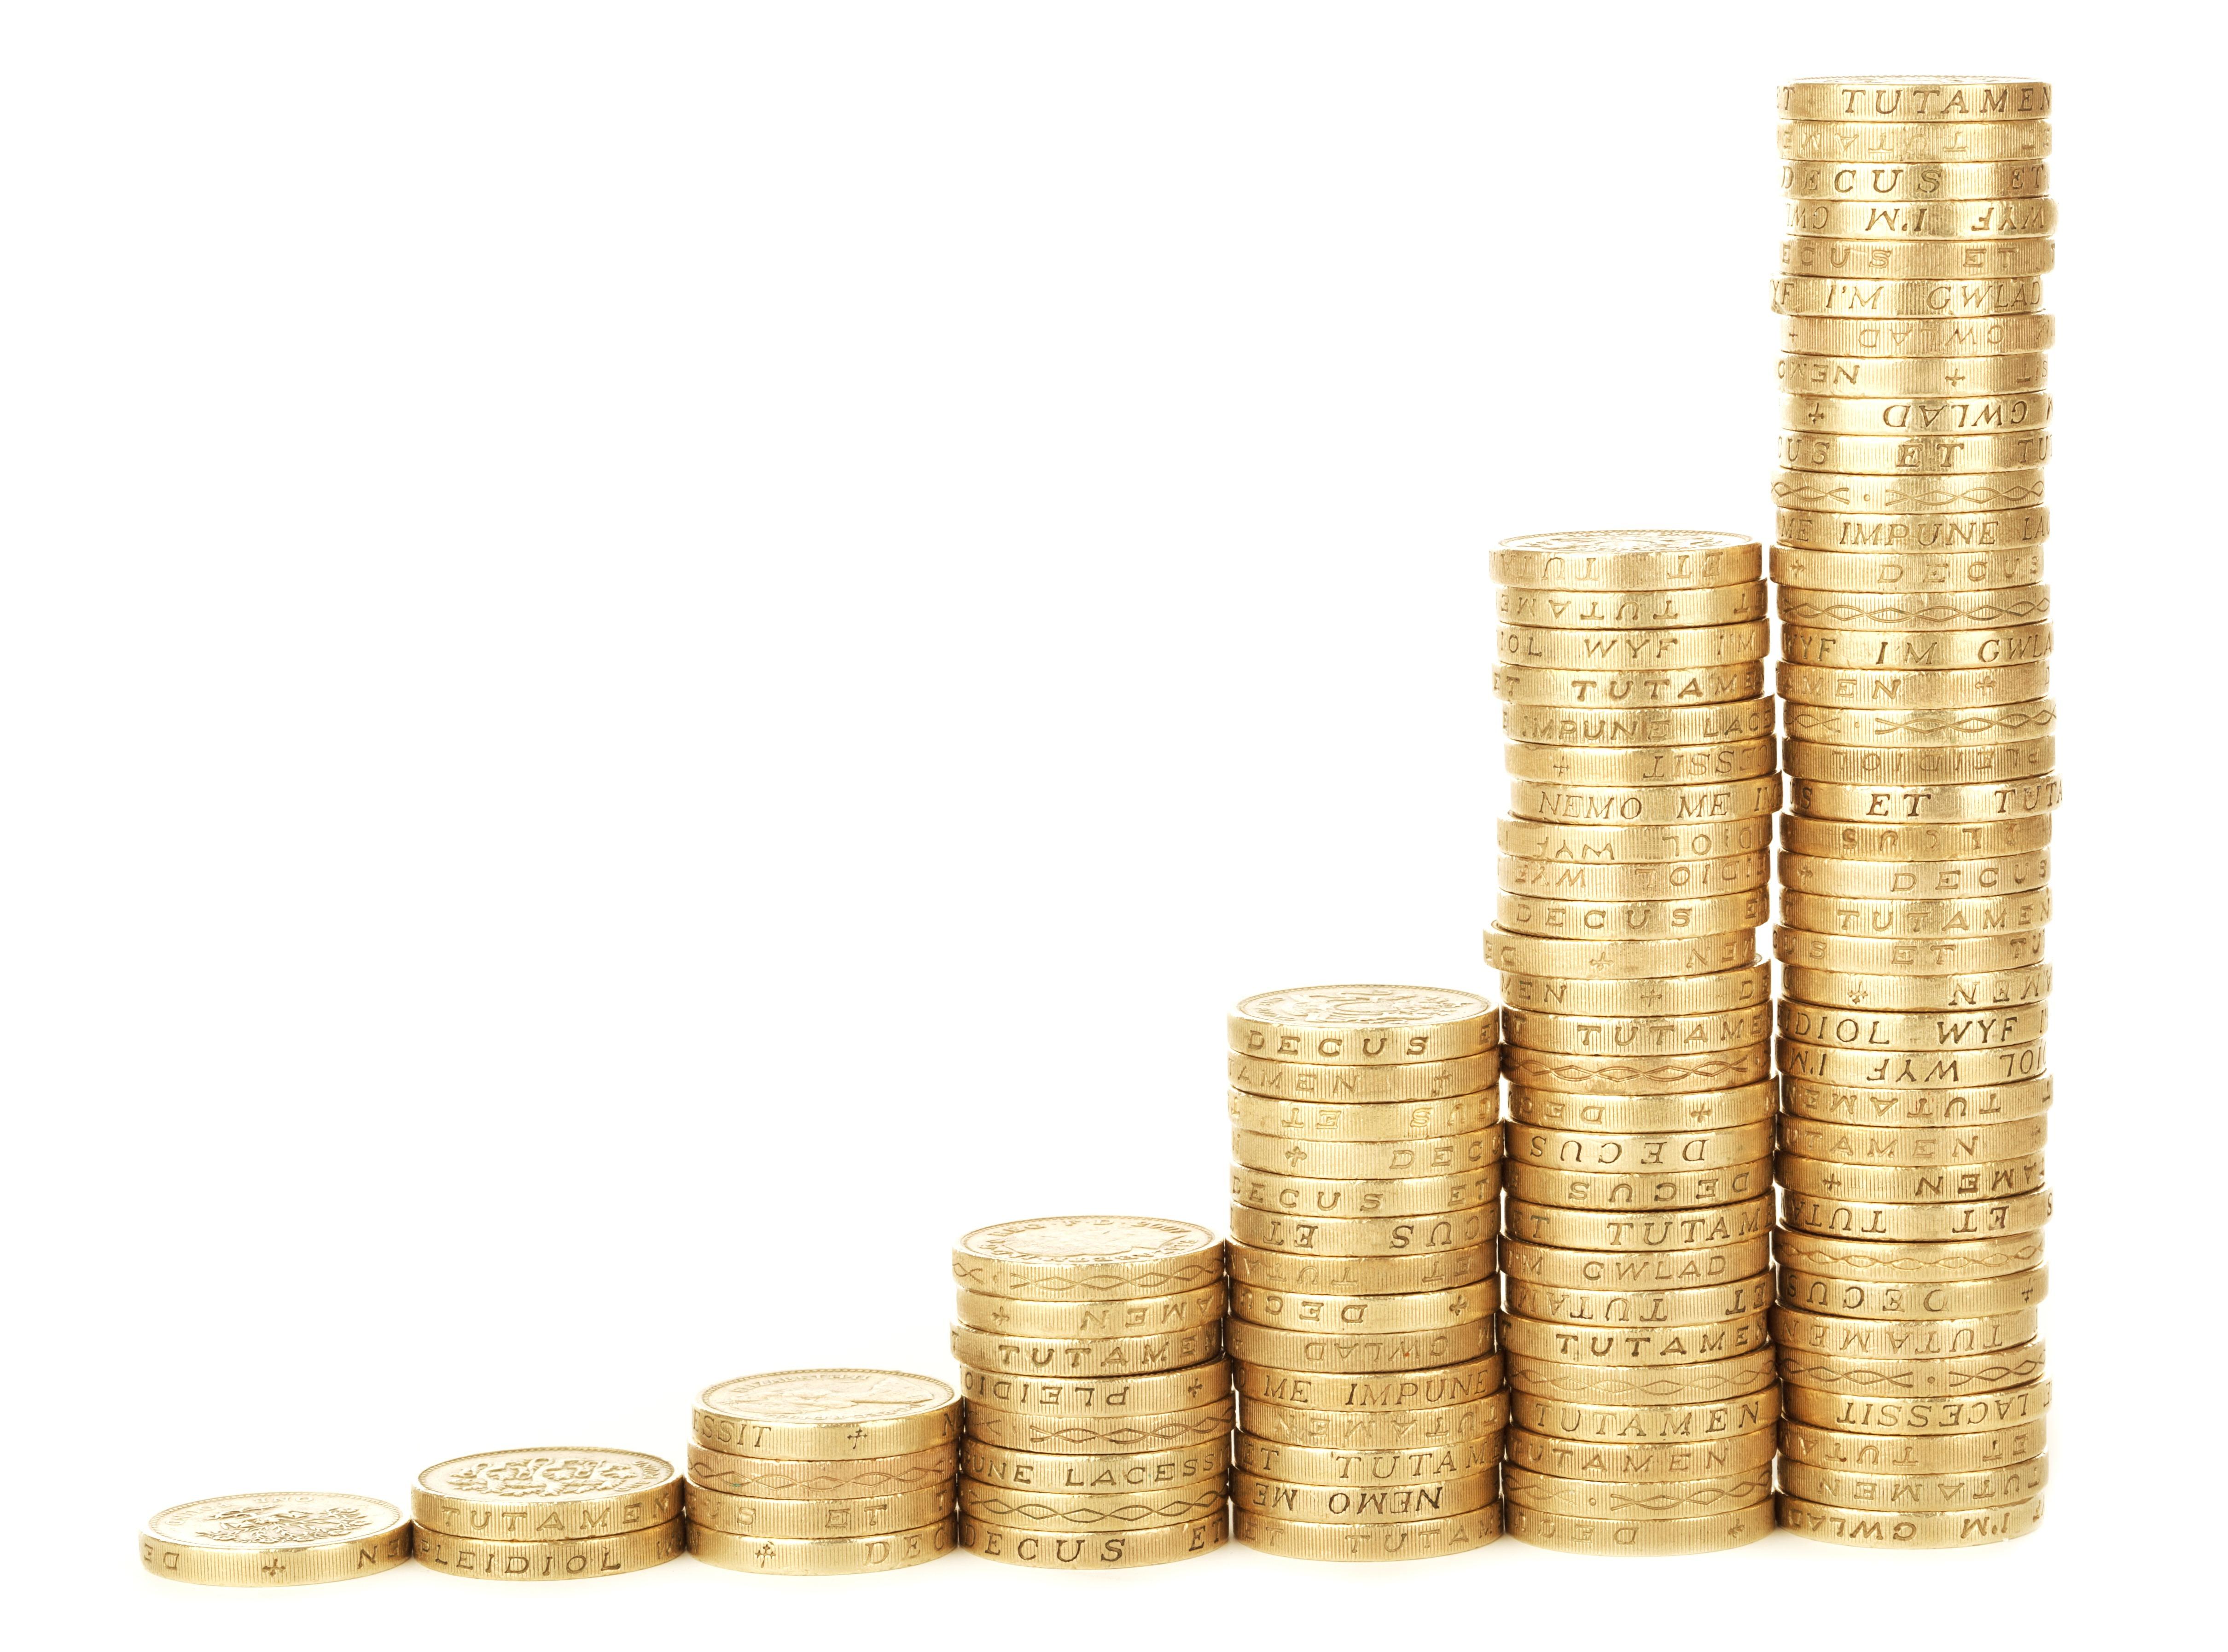 マイナス金利で銀行が儲かる裏のカラクリ